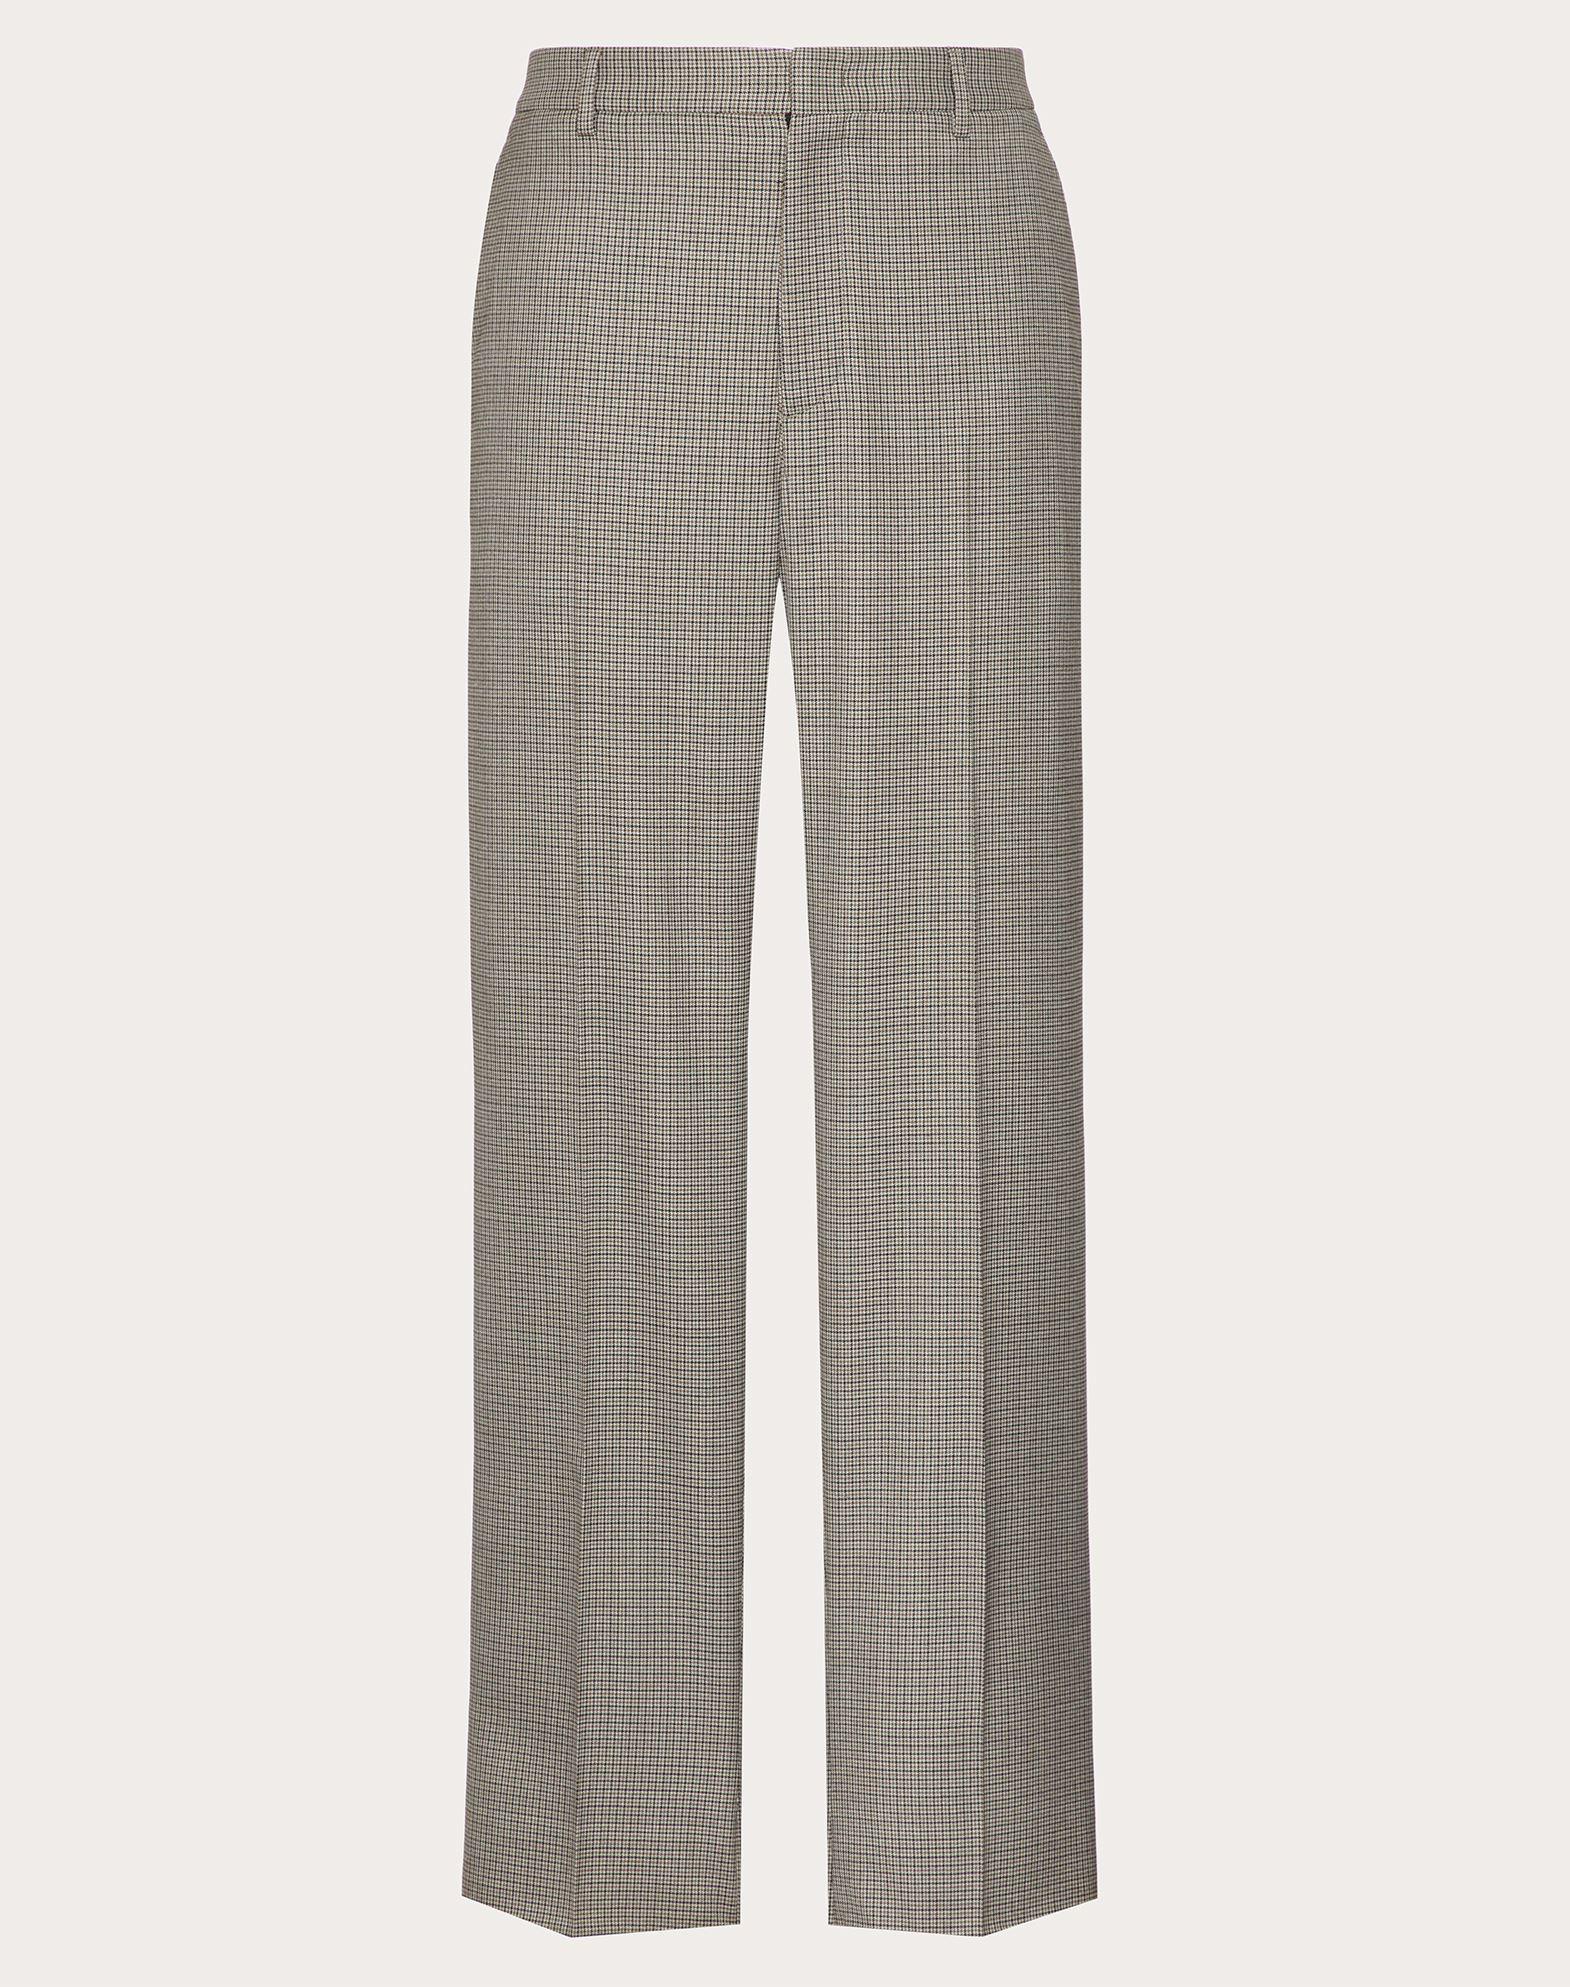 Valentino Uomo Wollhose Herren Grau Schurwolle 100% 48 In Gray